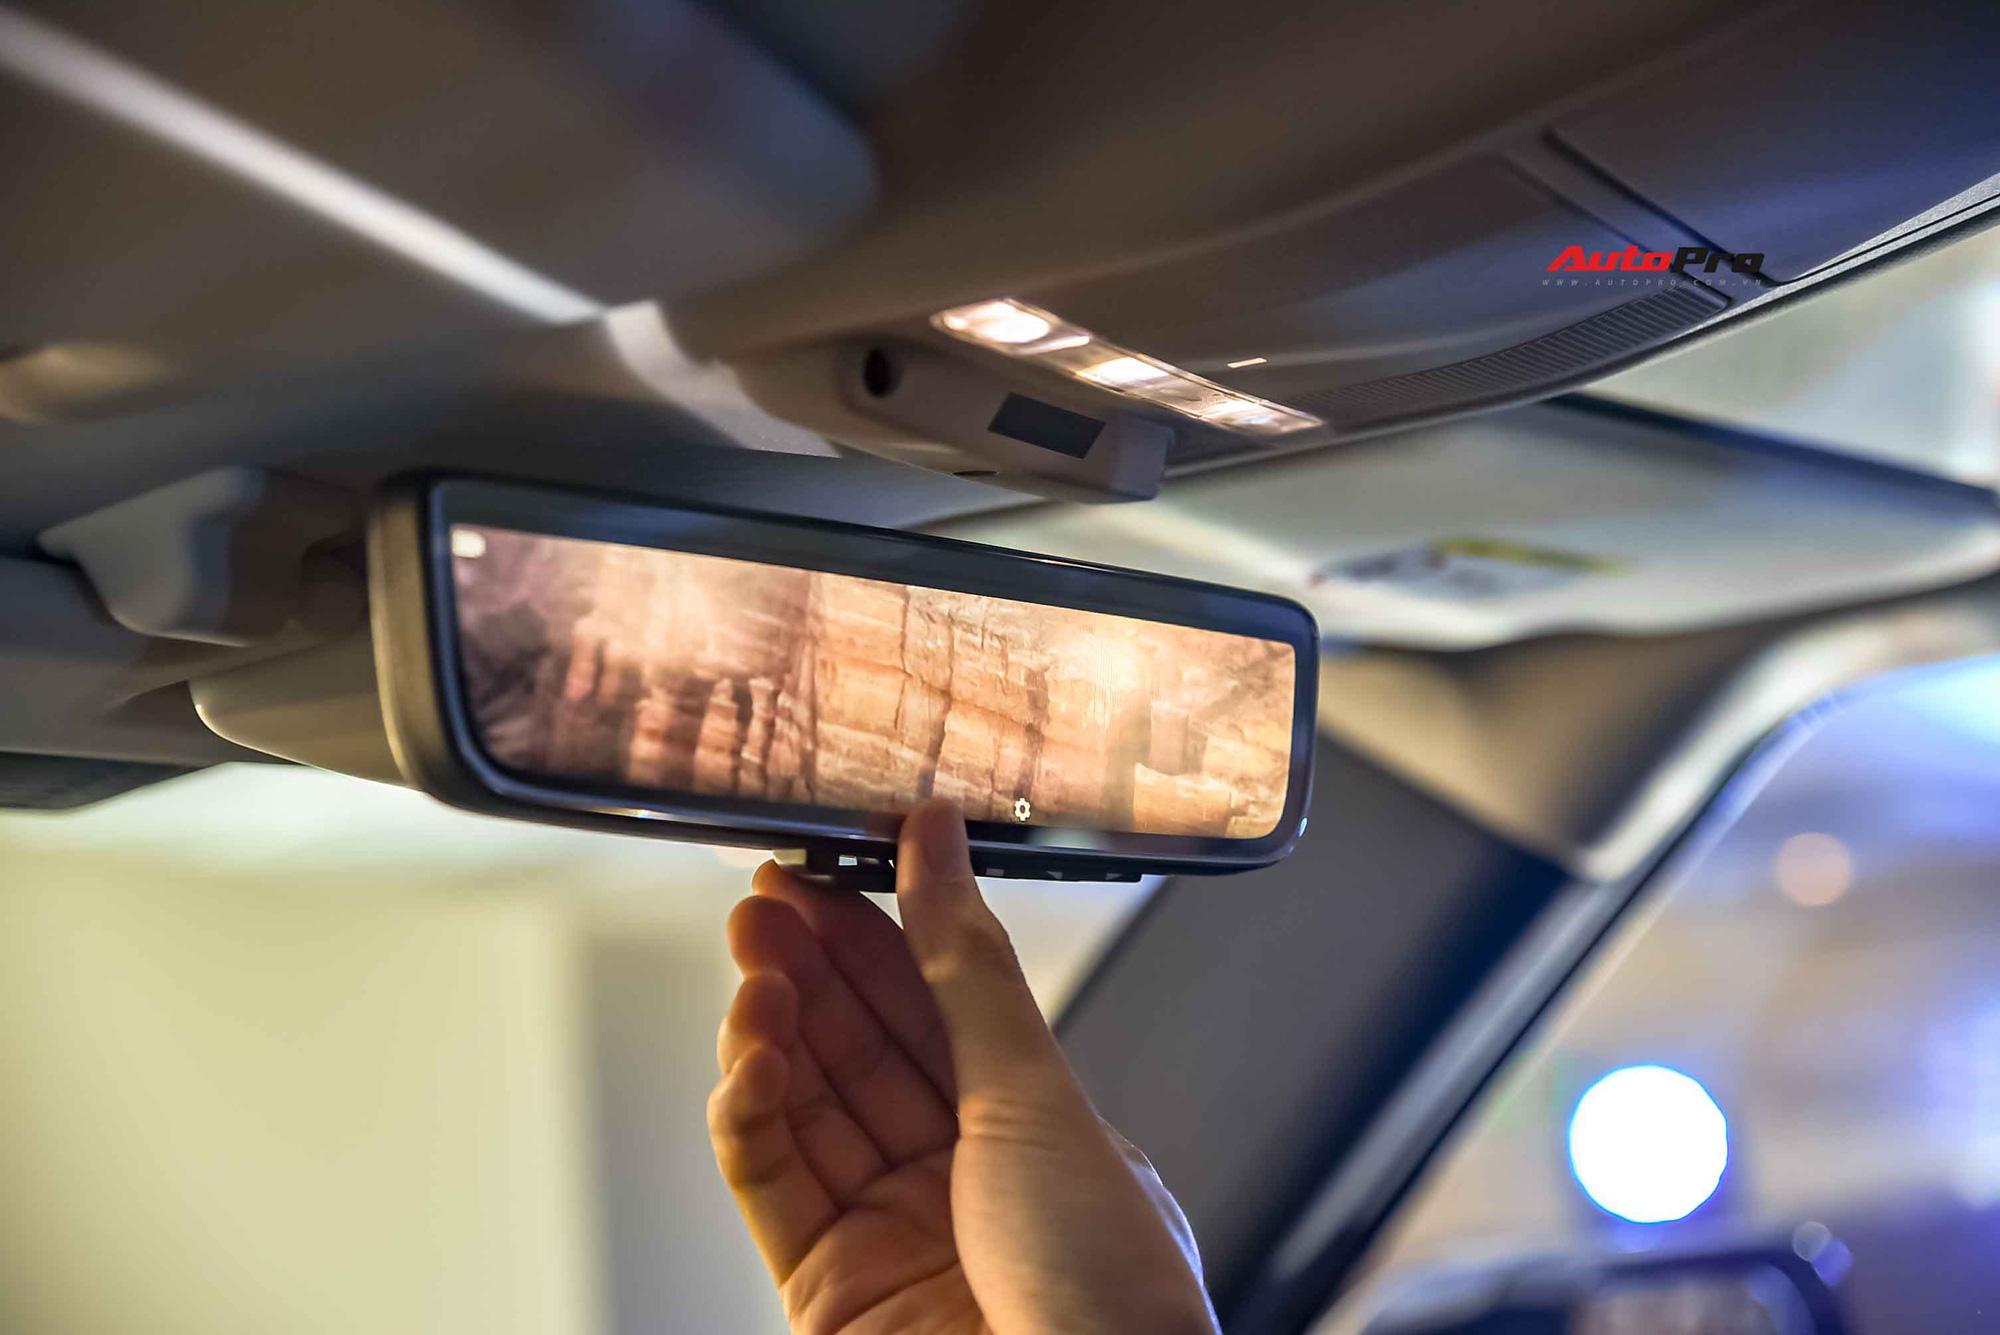 Khi gạt lẫy sau gương chiếu hậu, bộ phận này ngay lập tức biến thành màn hình thu lại toàn bộ hình ảnh sau xe lấy dữ liệu từ camera gắn trên nóc xe.